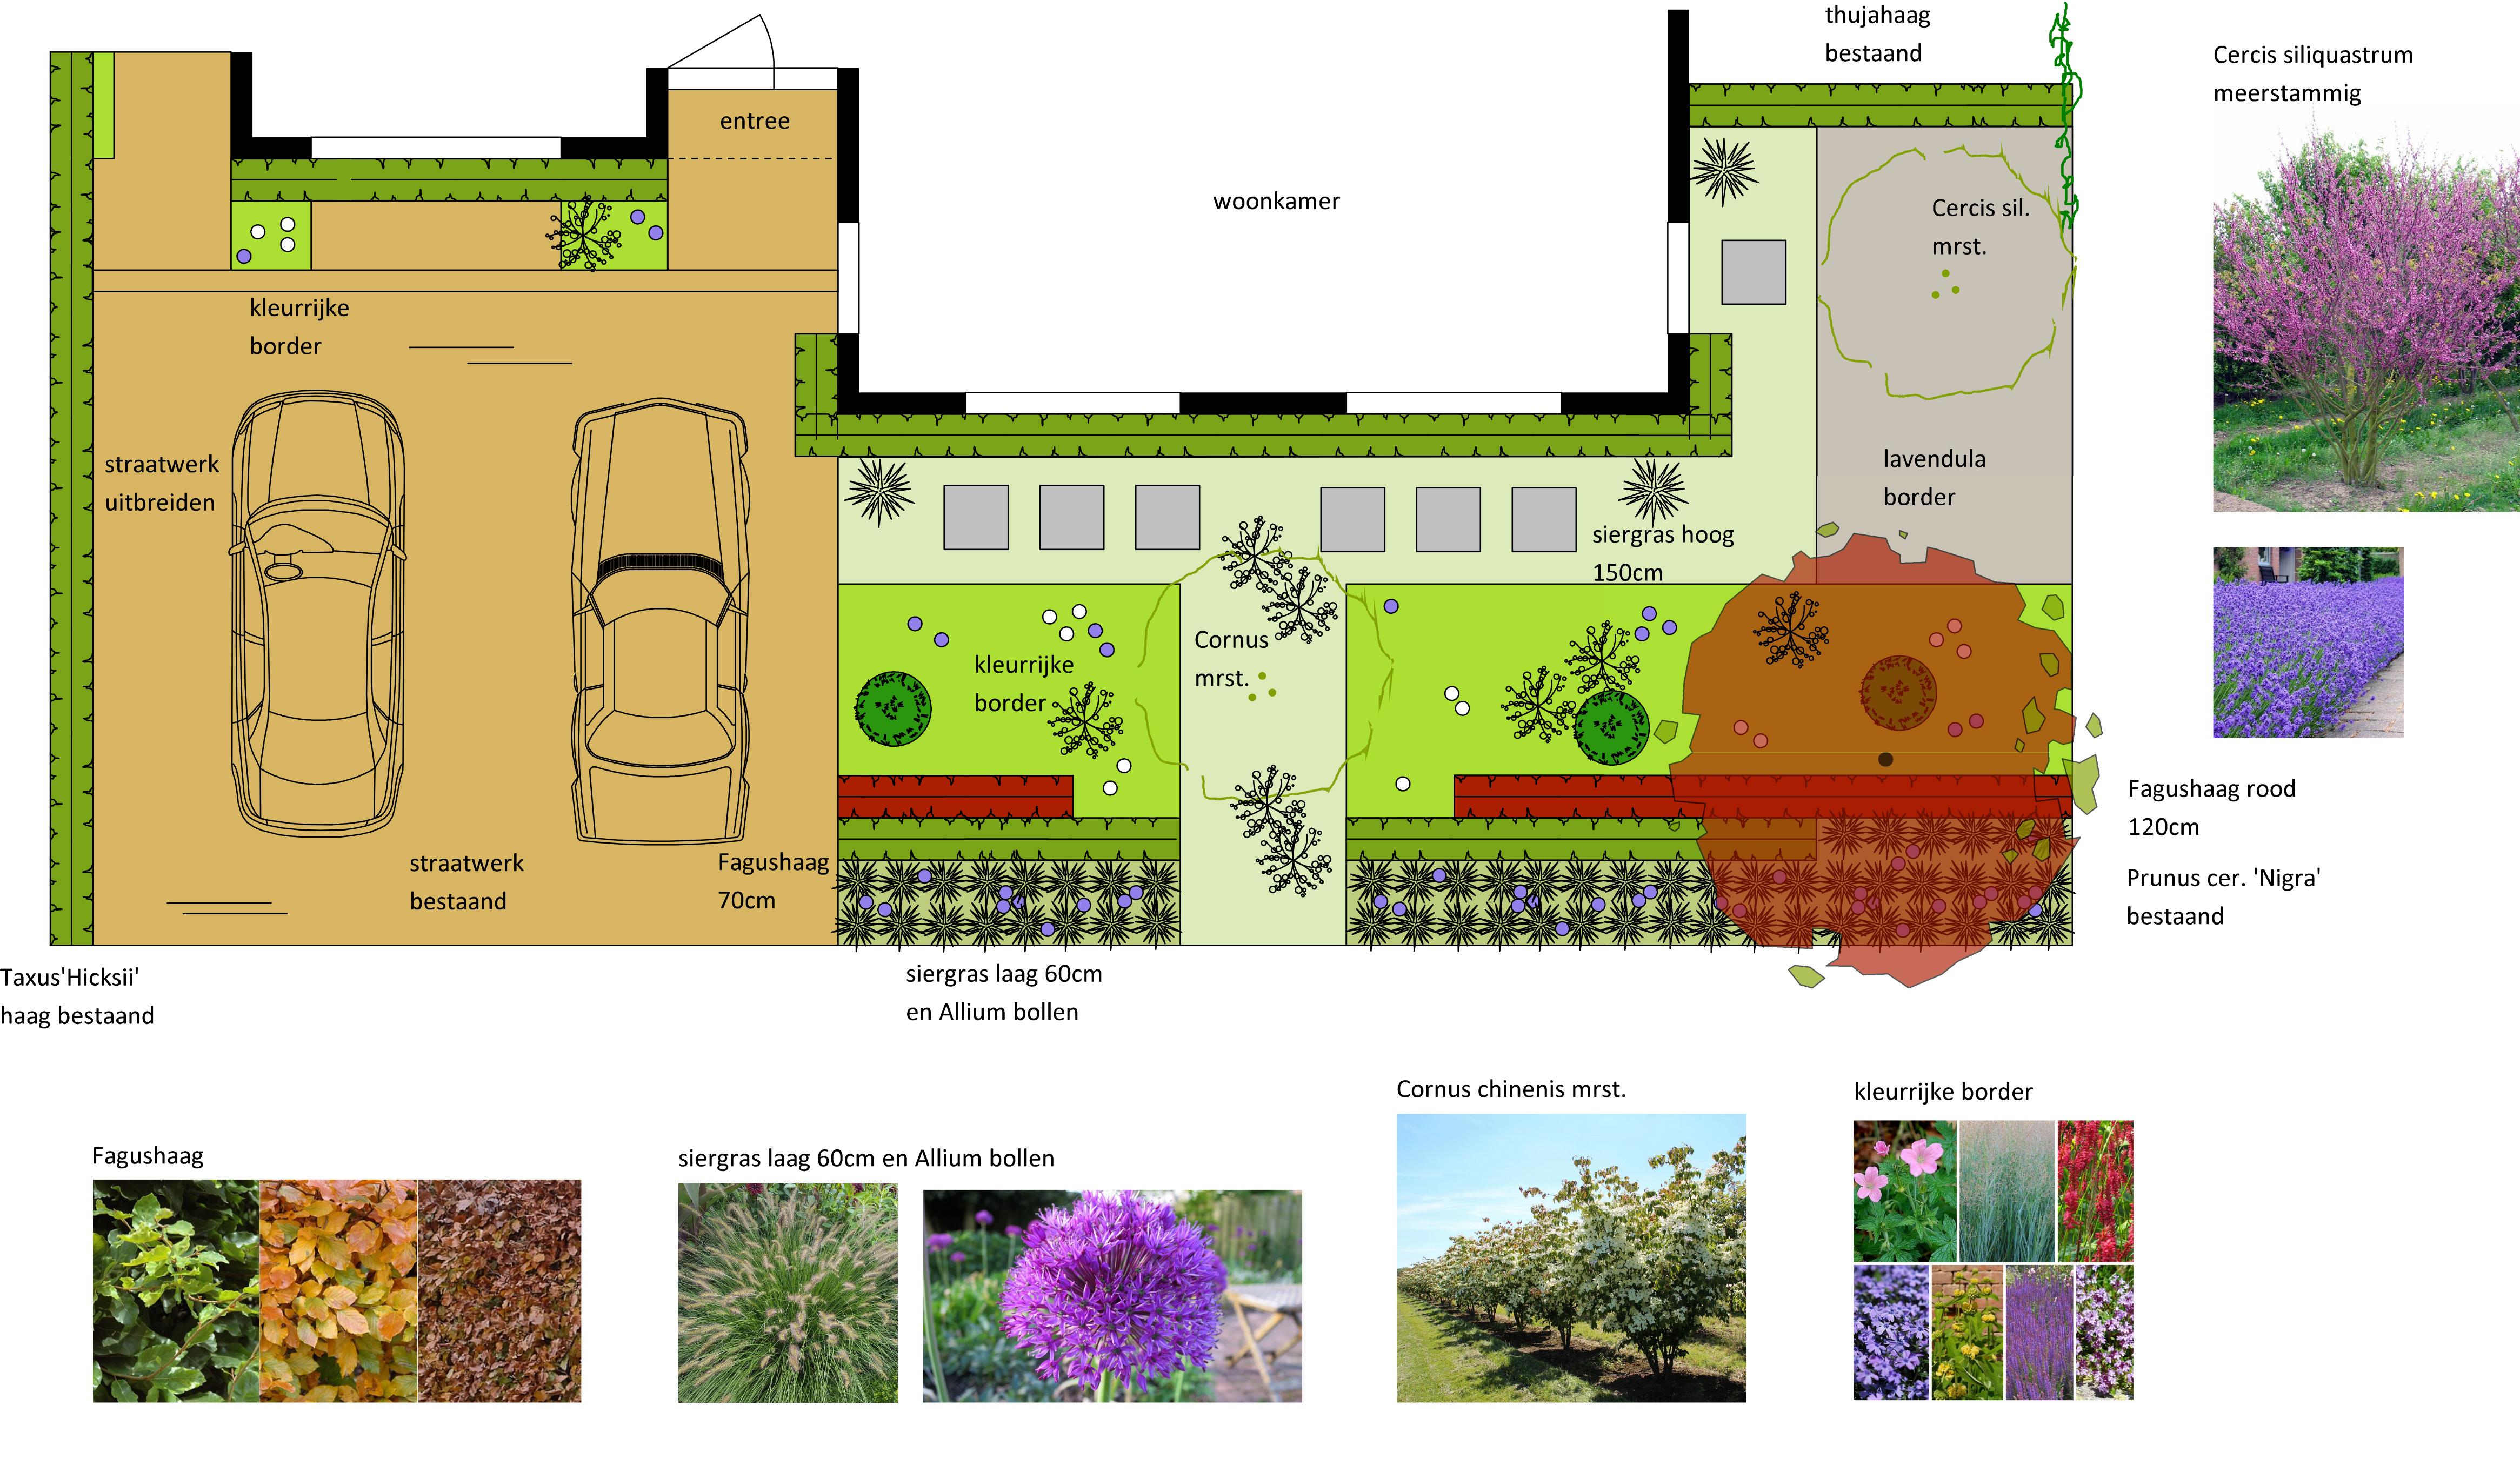 G:_ProjectenOOssenblok, Malden2018 Ossenblok, MaldentekeningenOssenblok, ontwerp voortuin2 18-11-30.hcd